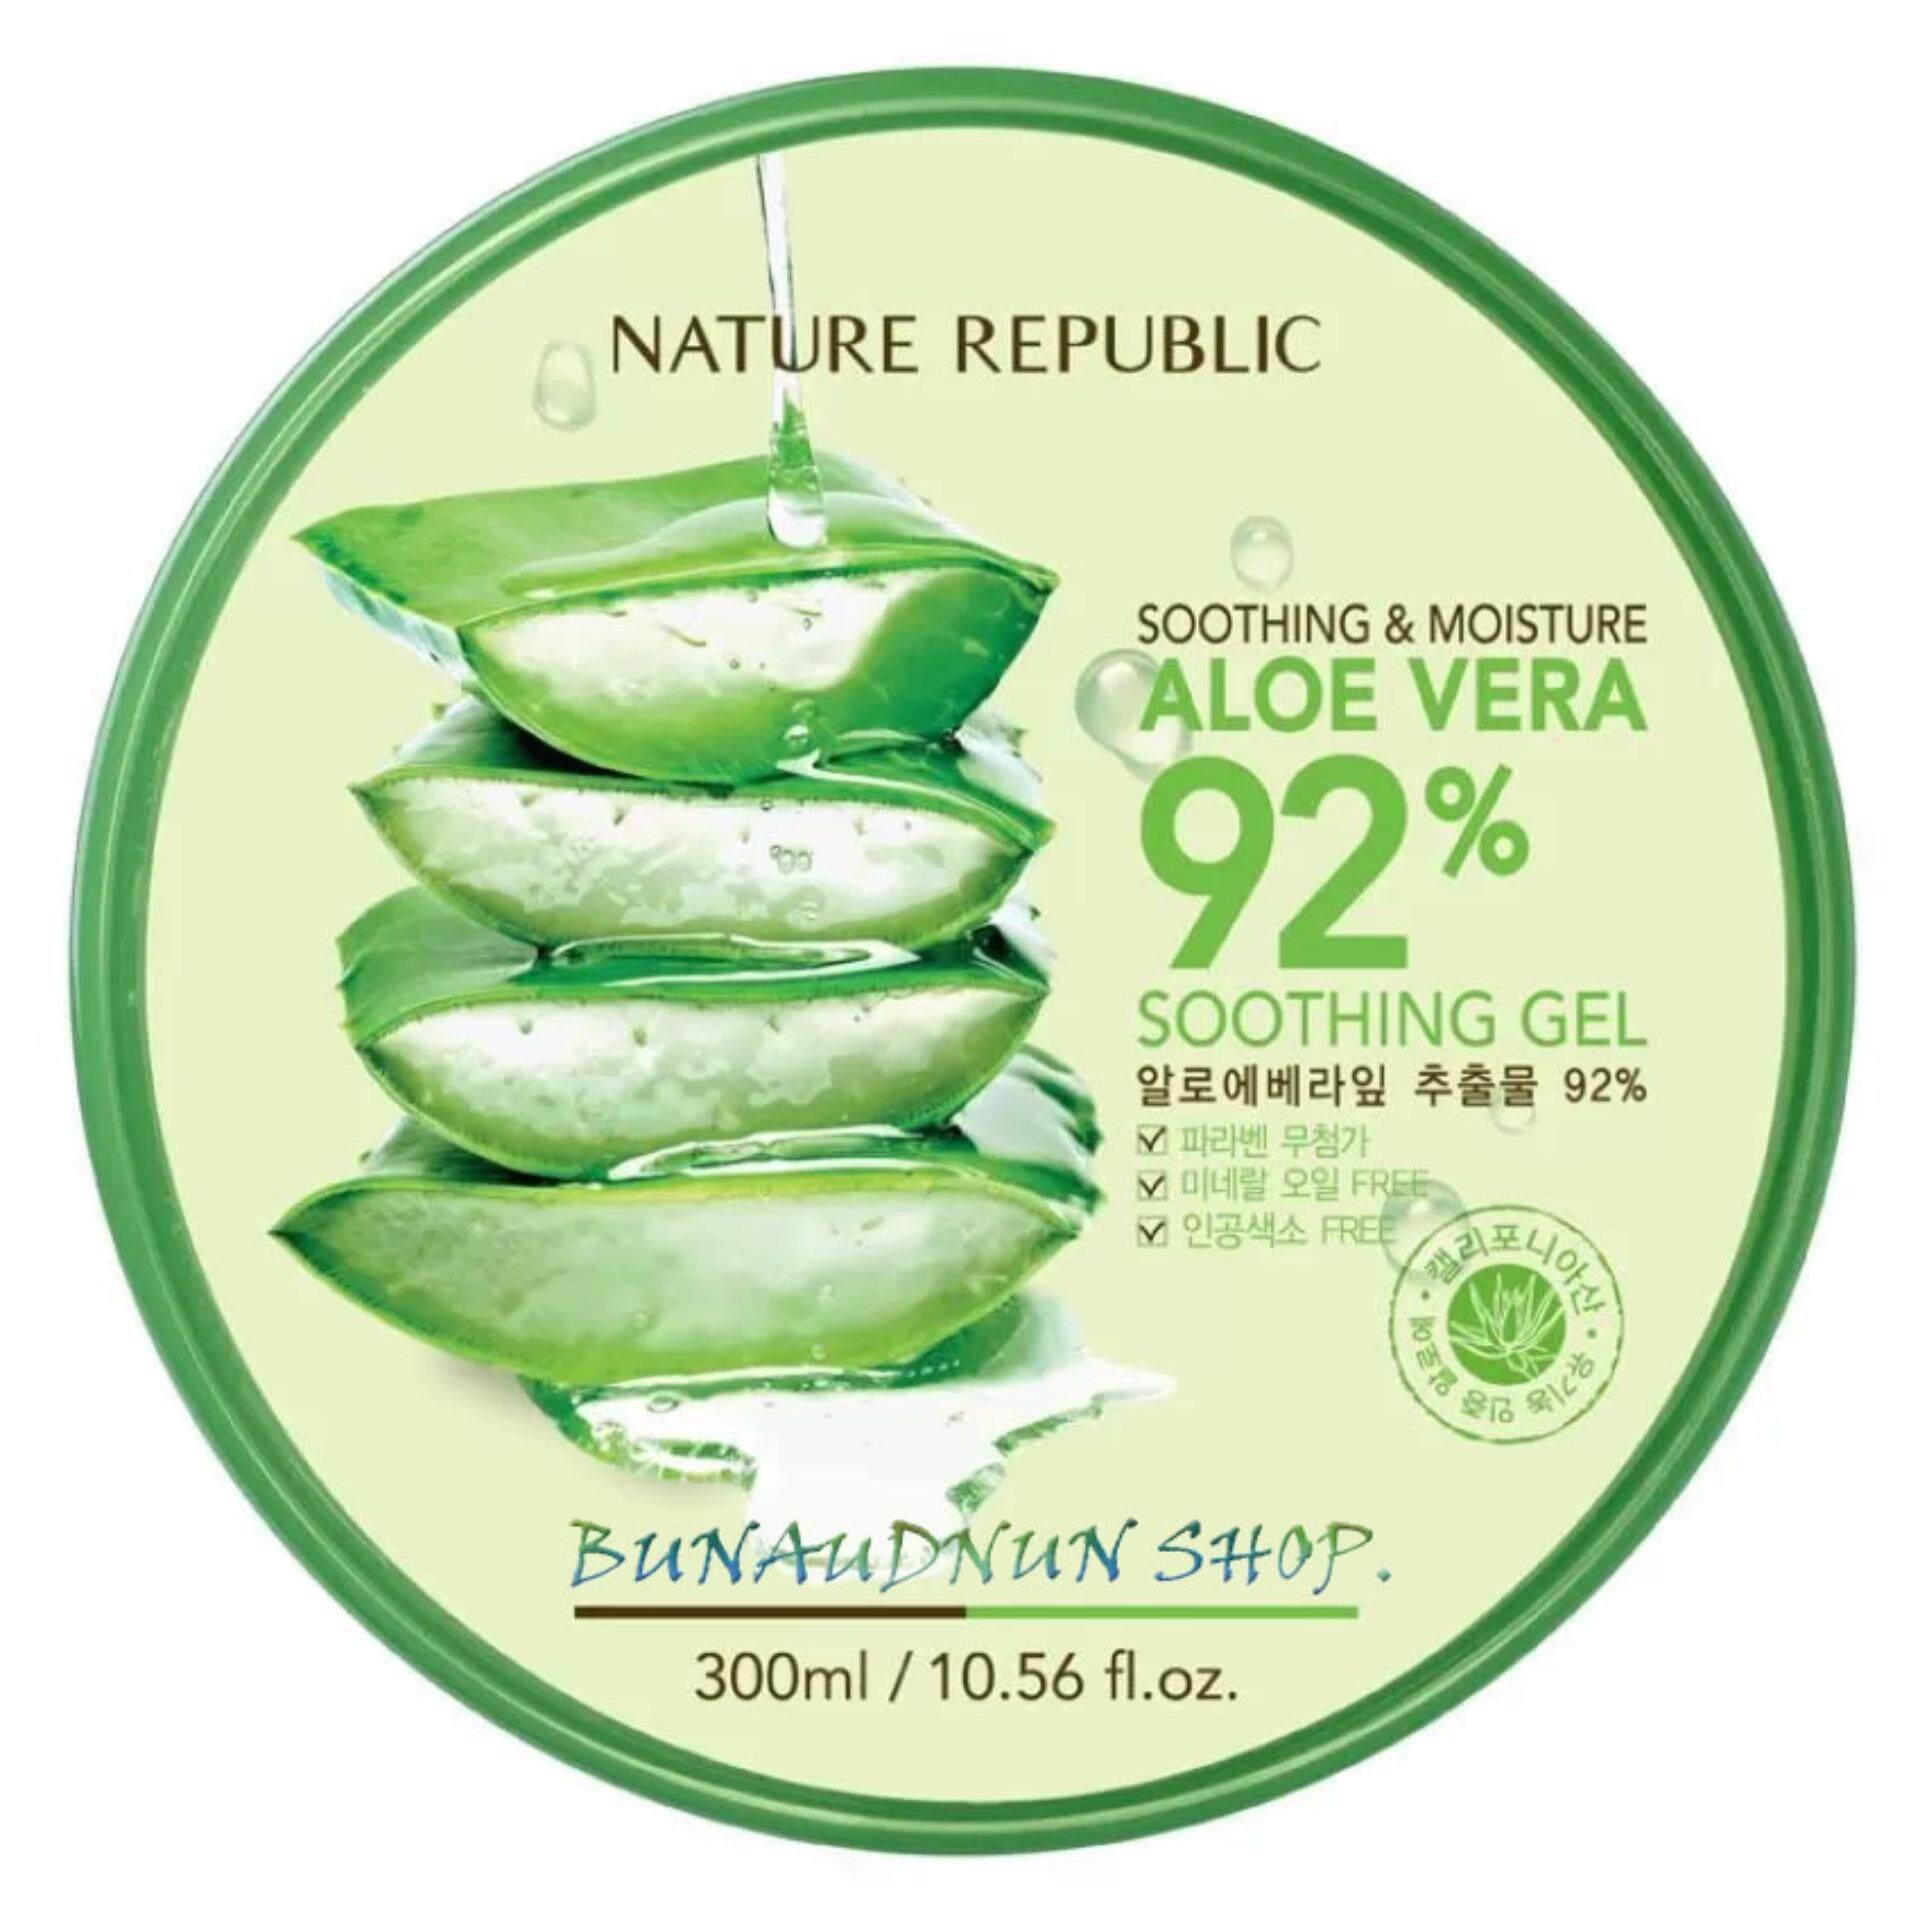 ขายดีที่สุด Nature Republic Soothing Moisture Aloe Vera 92 Soothing Gel 300ml (1 กล่อง) ได้ผลจริง